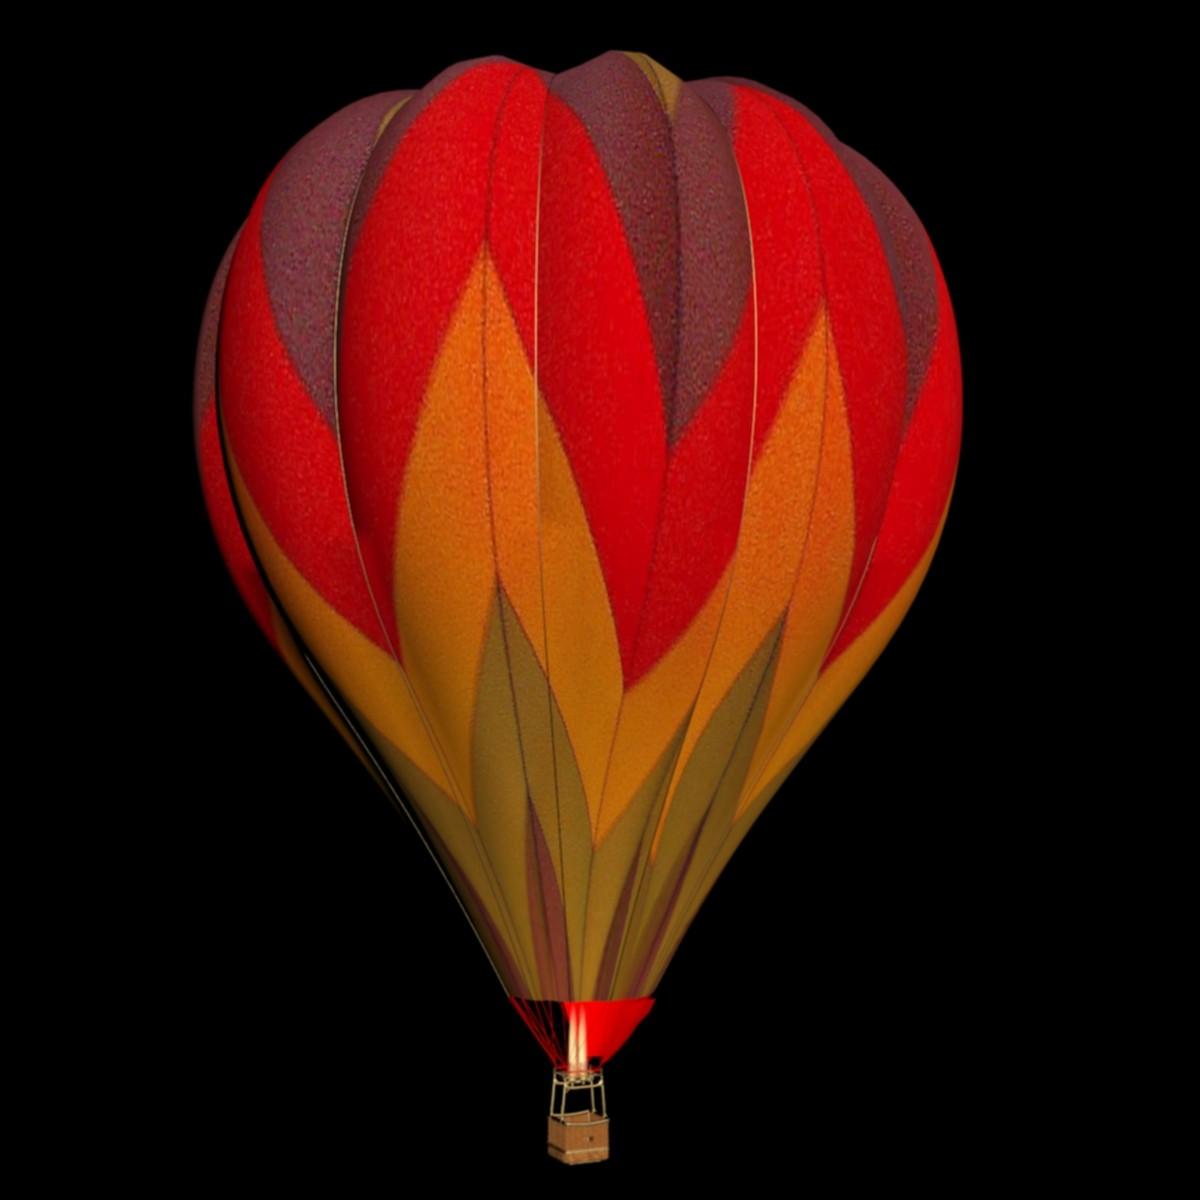 hot_air_balloon_B1.jpg